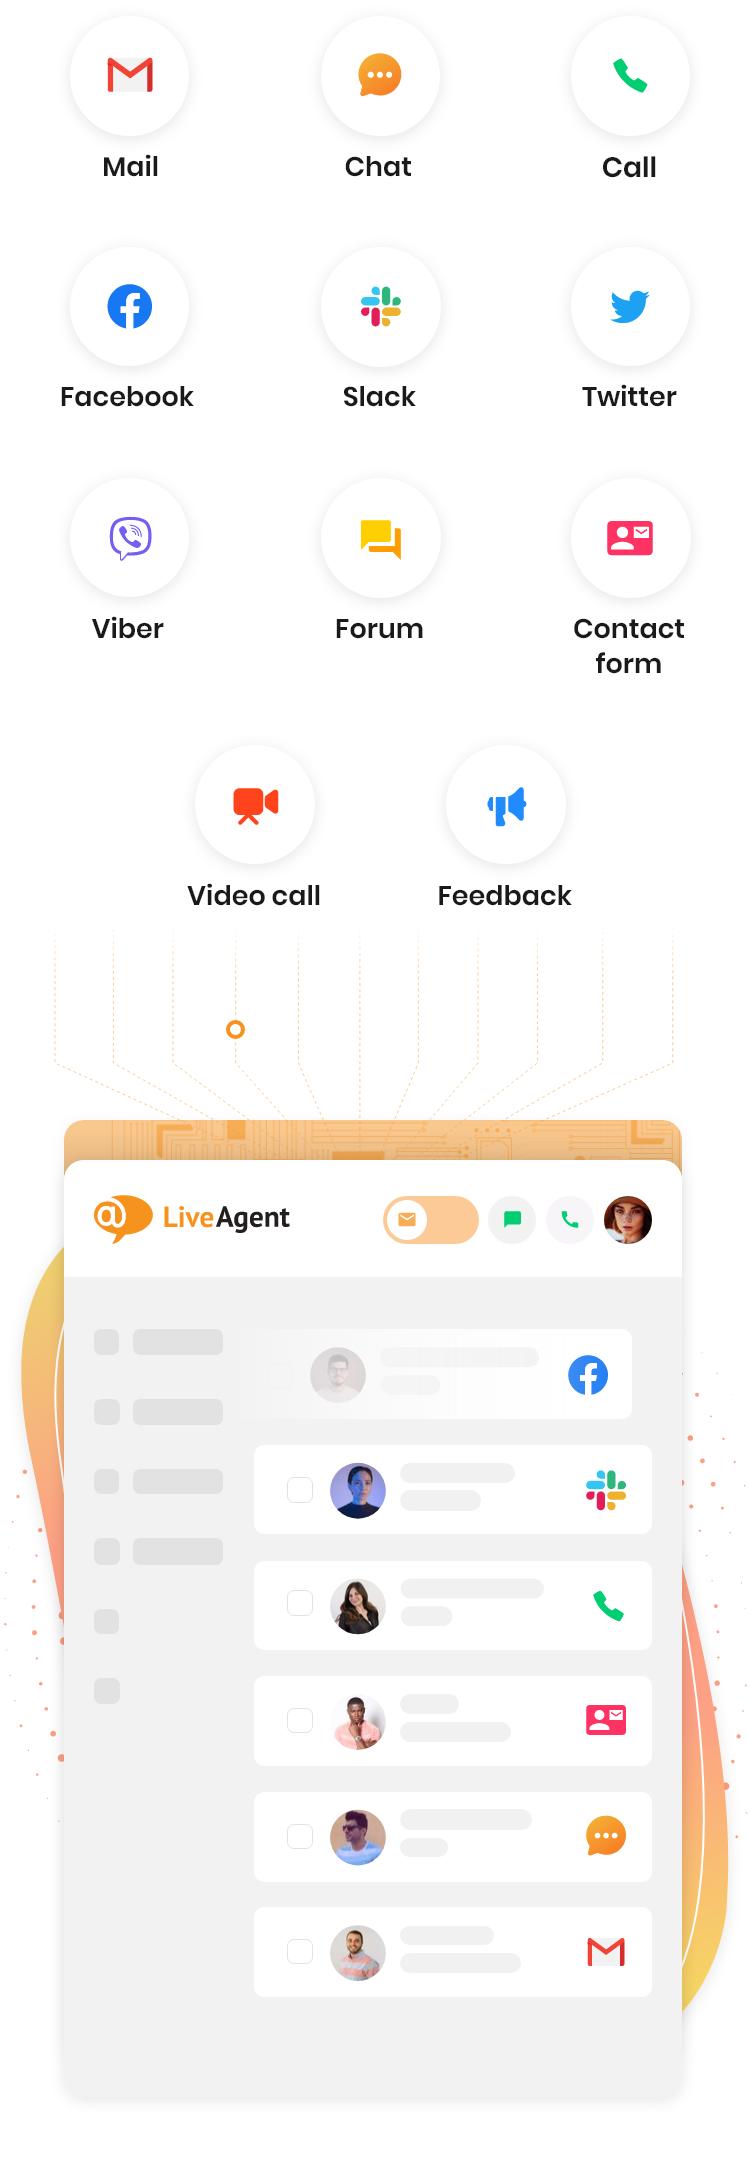 LiveAgent regroupe plusieurs canaux de service à la clientèle en un seul logiciel